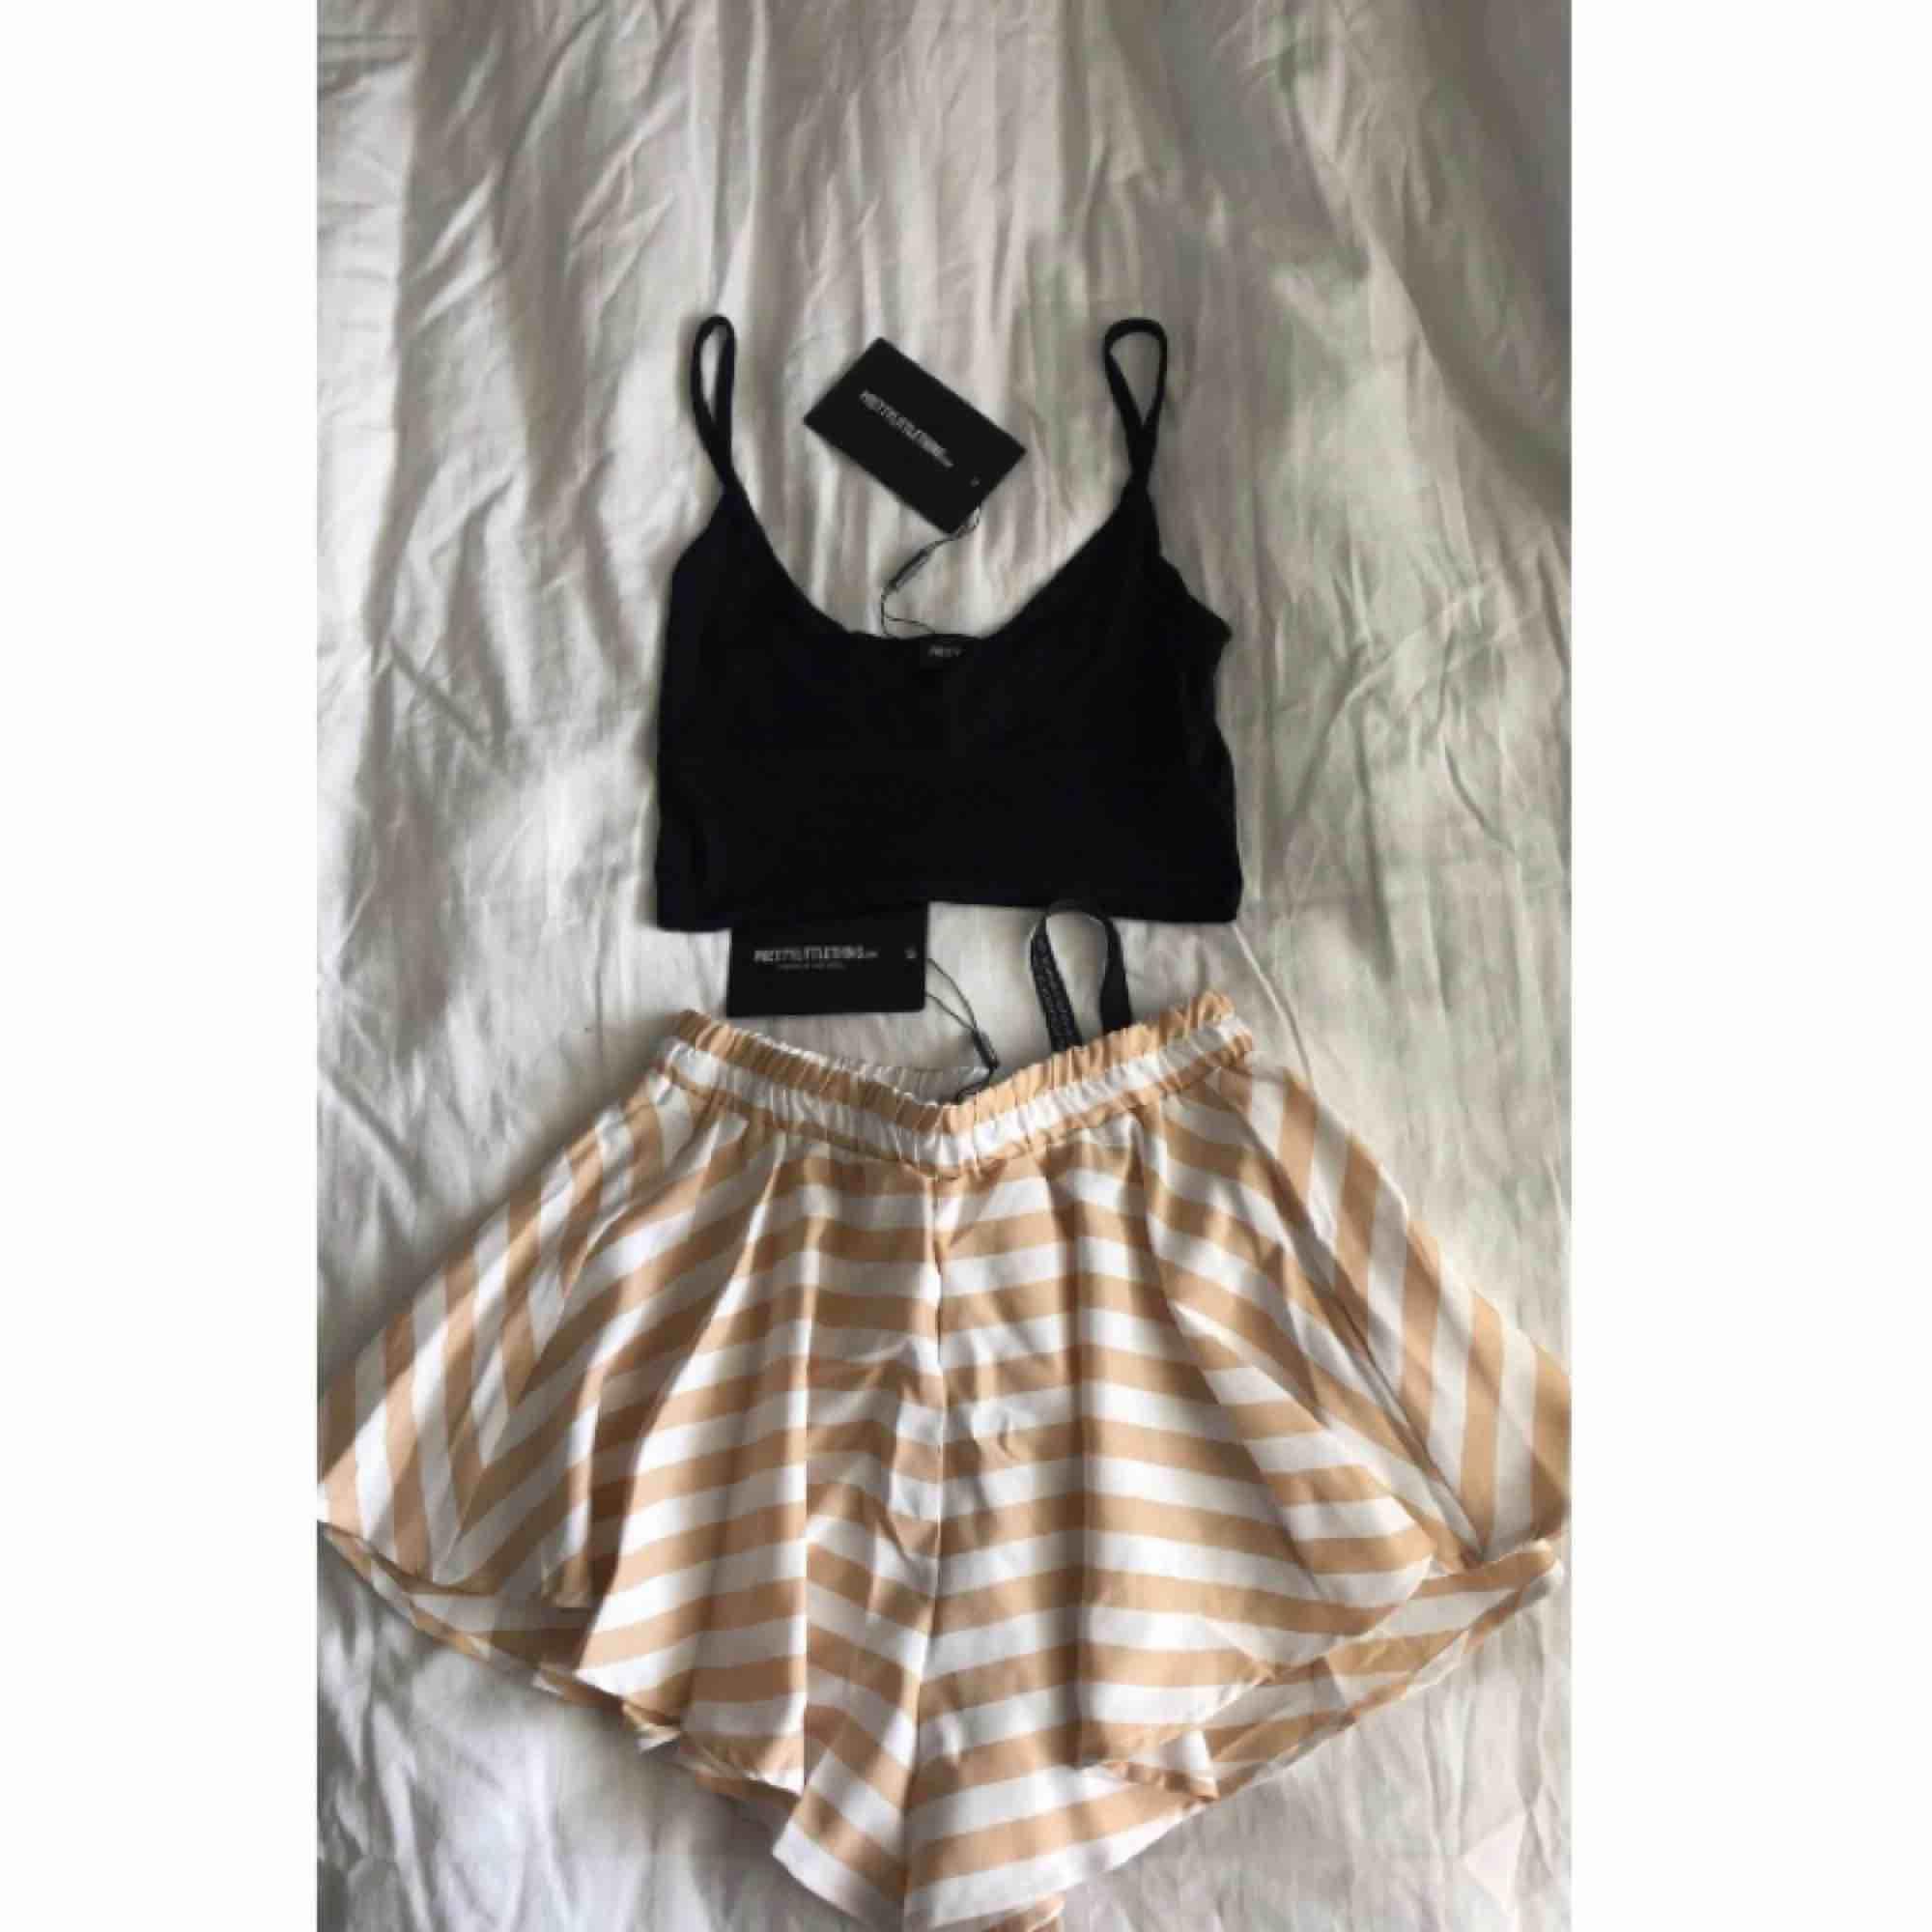 Oanvänd shorts-kjol och linne från pretty little thing, storlek 34 i shortsen men skulle säga de är mer som 36, säljer båda för 100kr eller kjolen för 85kr och linnet för 30kr . Shorts.